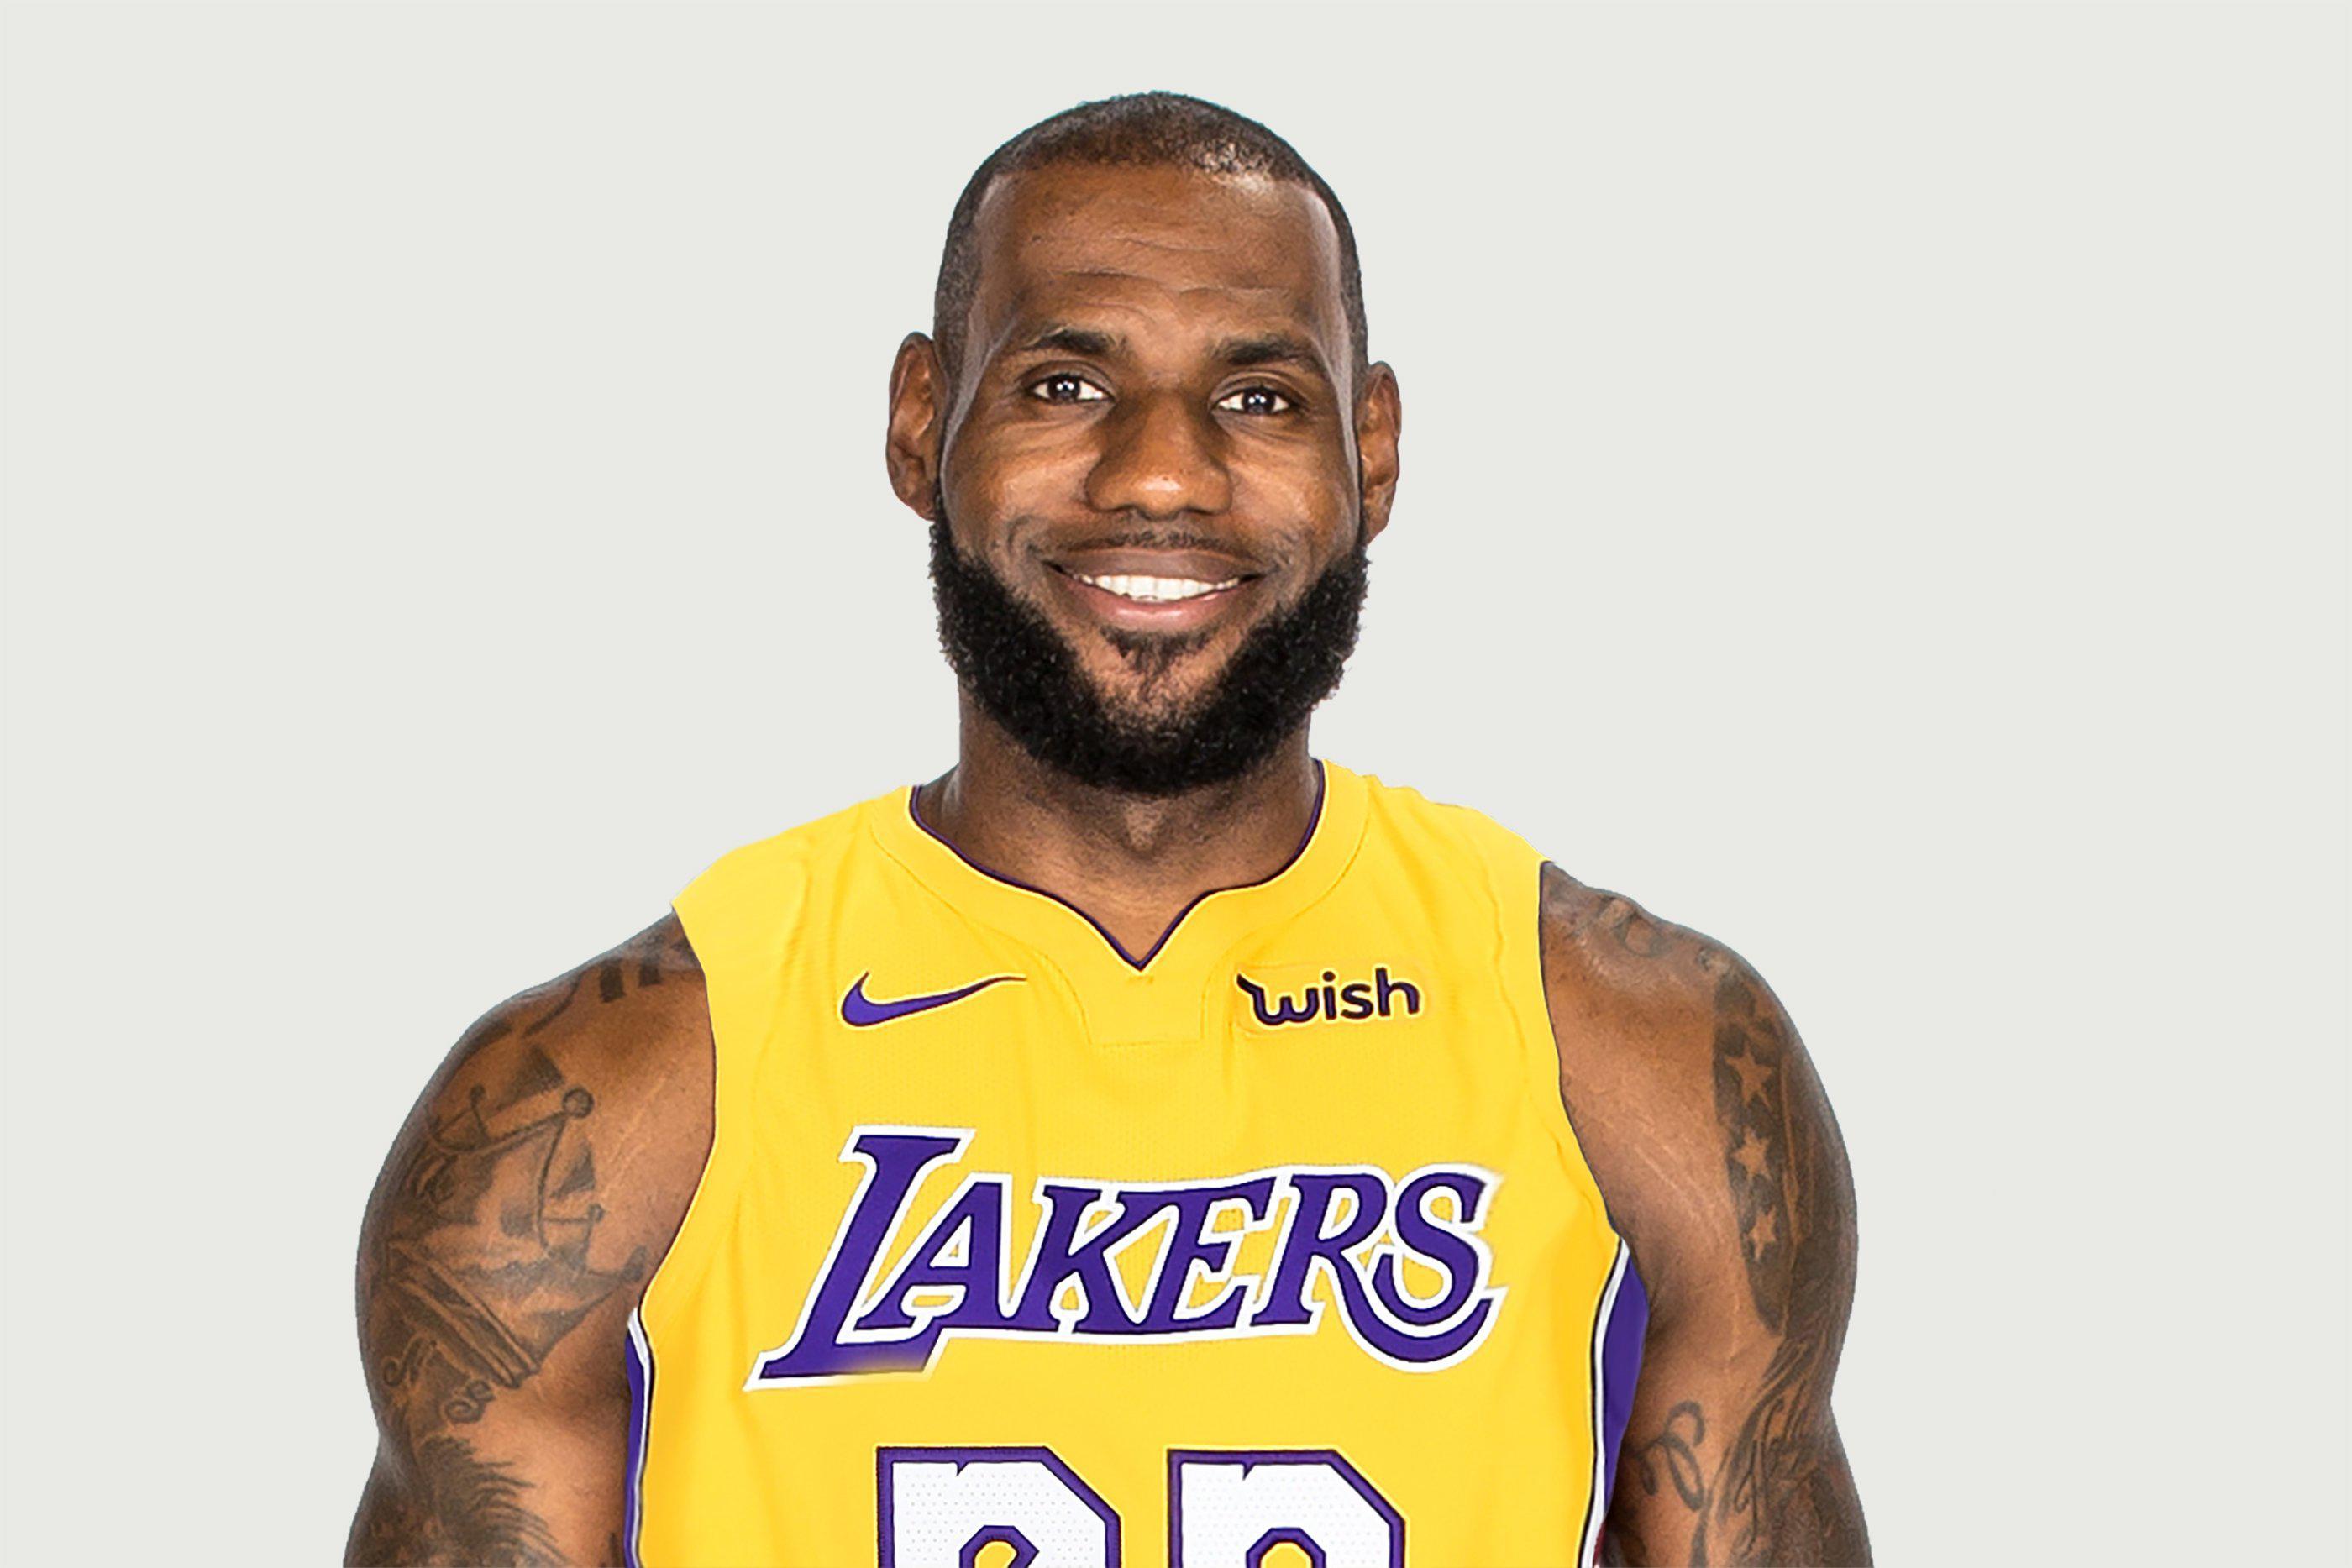 浓眉大眼的全背叛革命了!见过了那么多人设崩塌,你还相信NBA有忠诚吗?